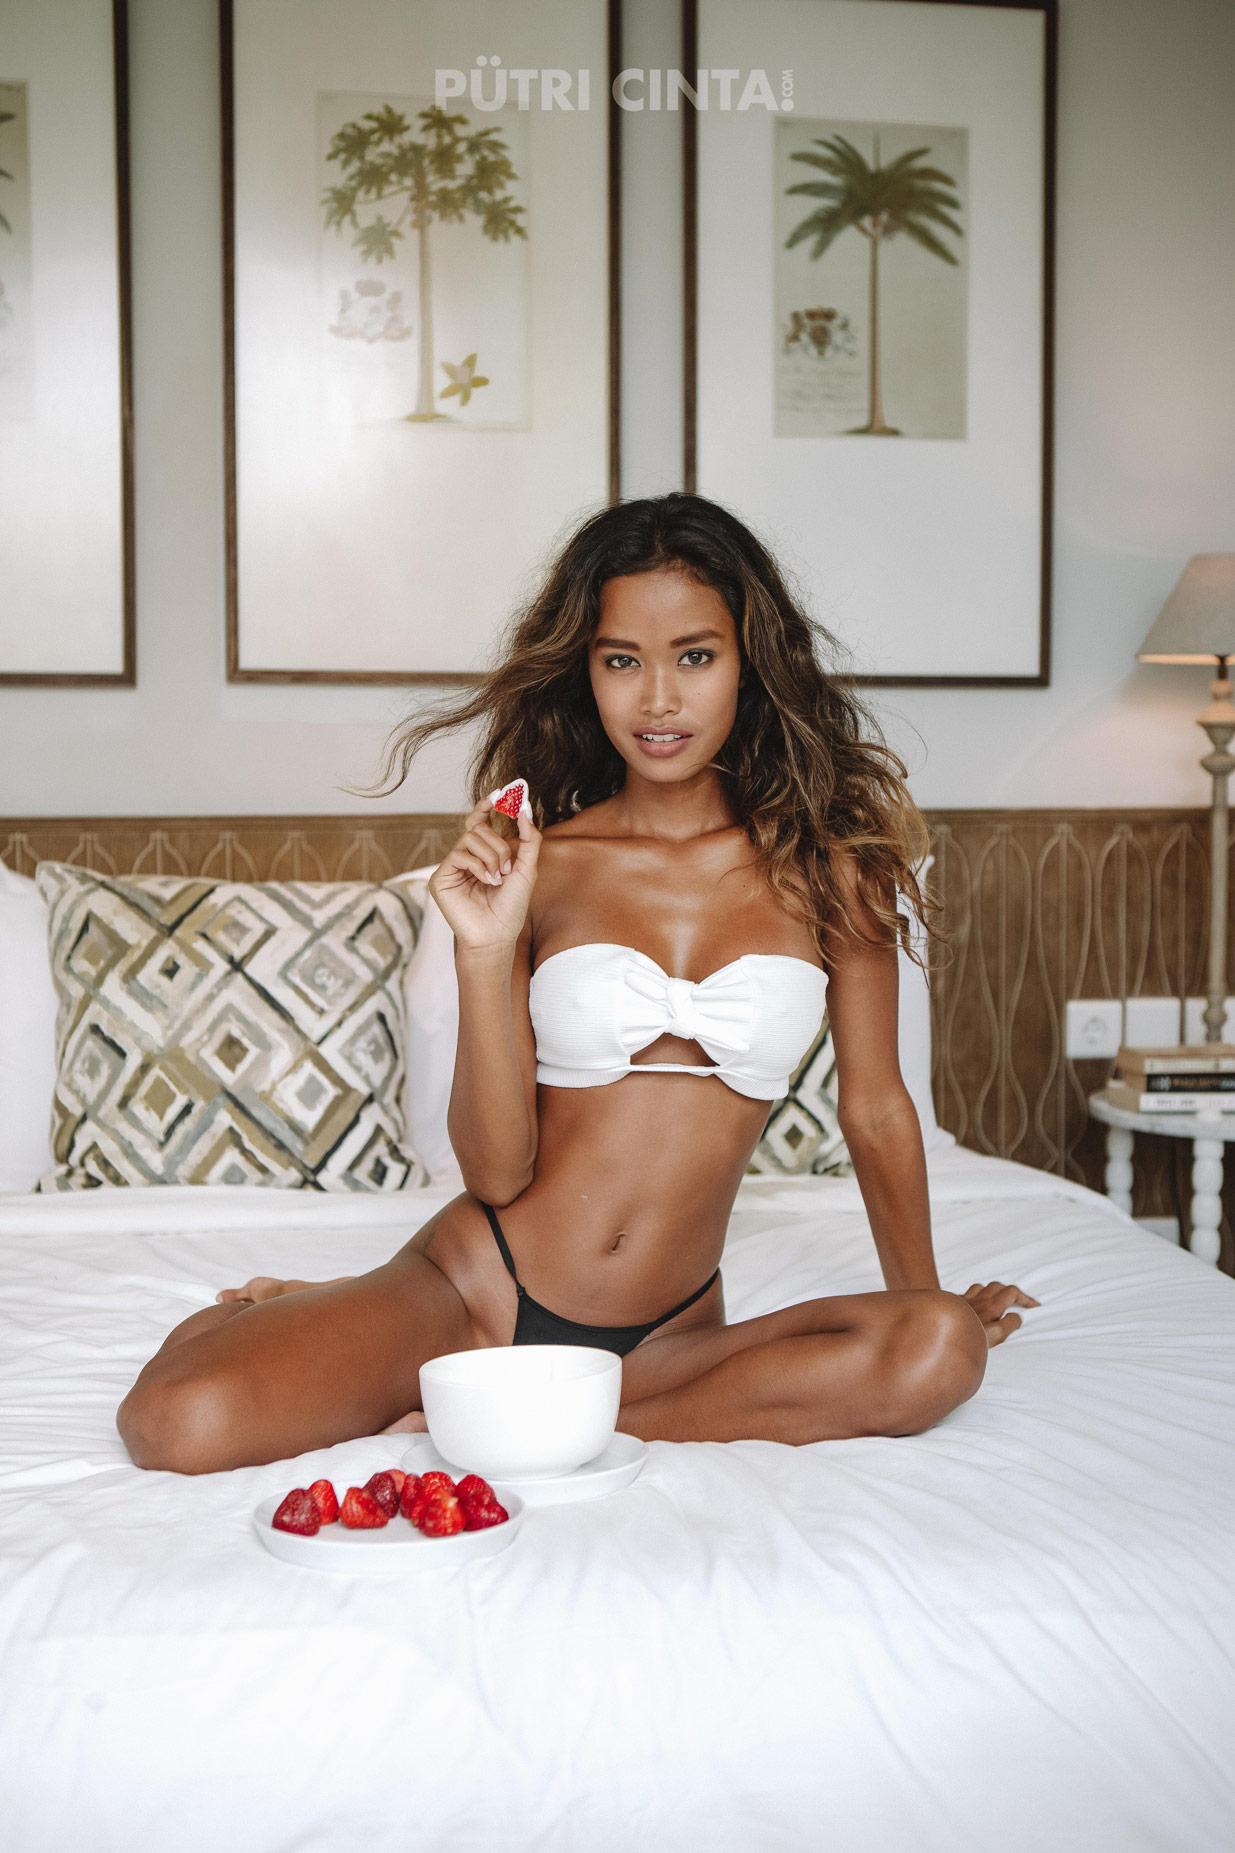 018-Strawberries-in-bed-forwebsite-10.jpg